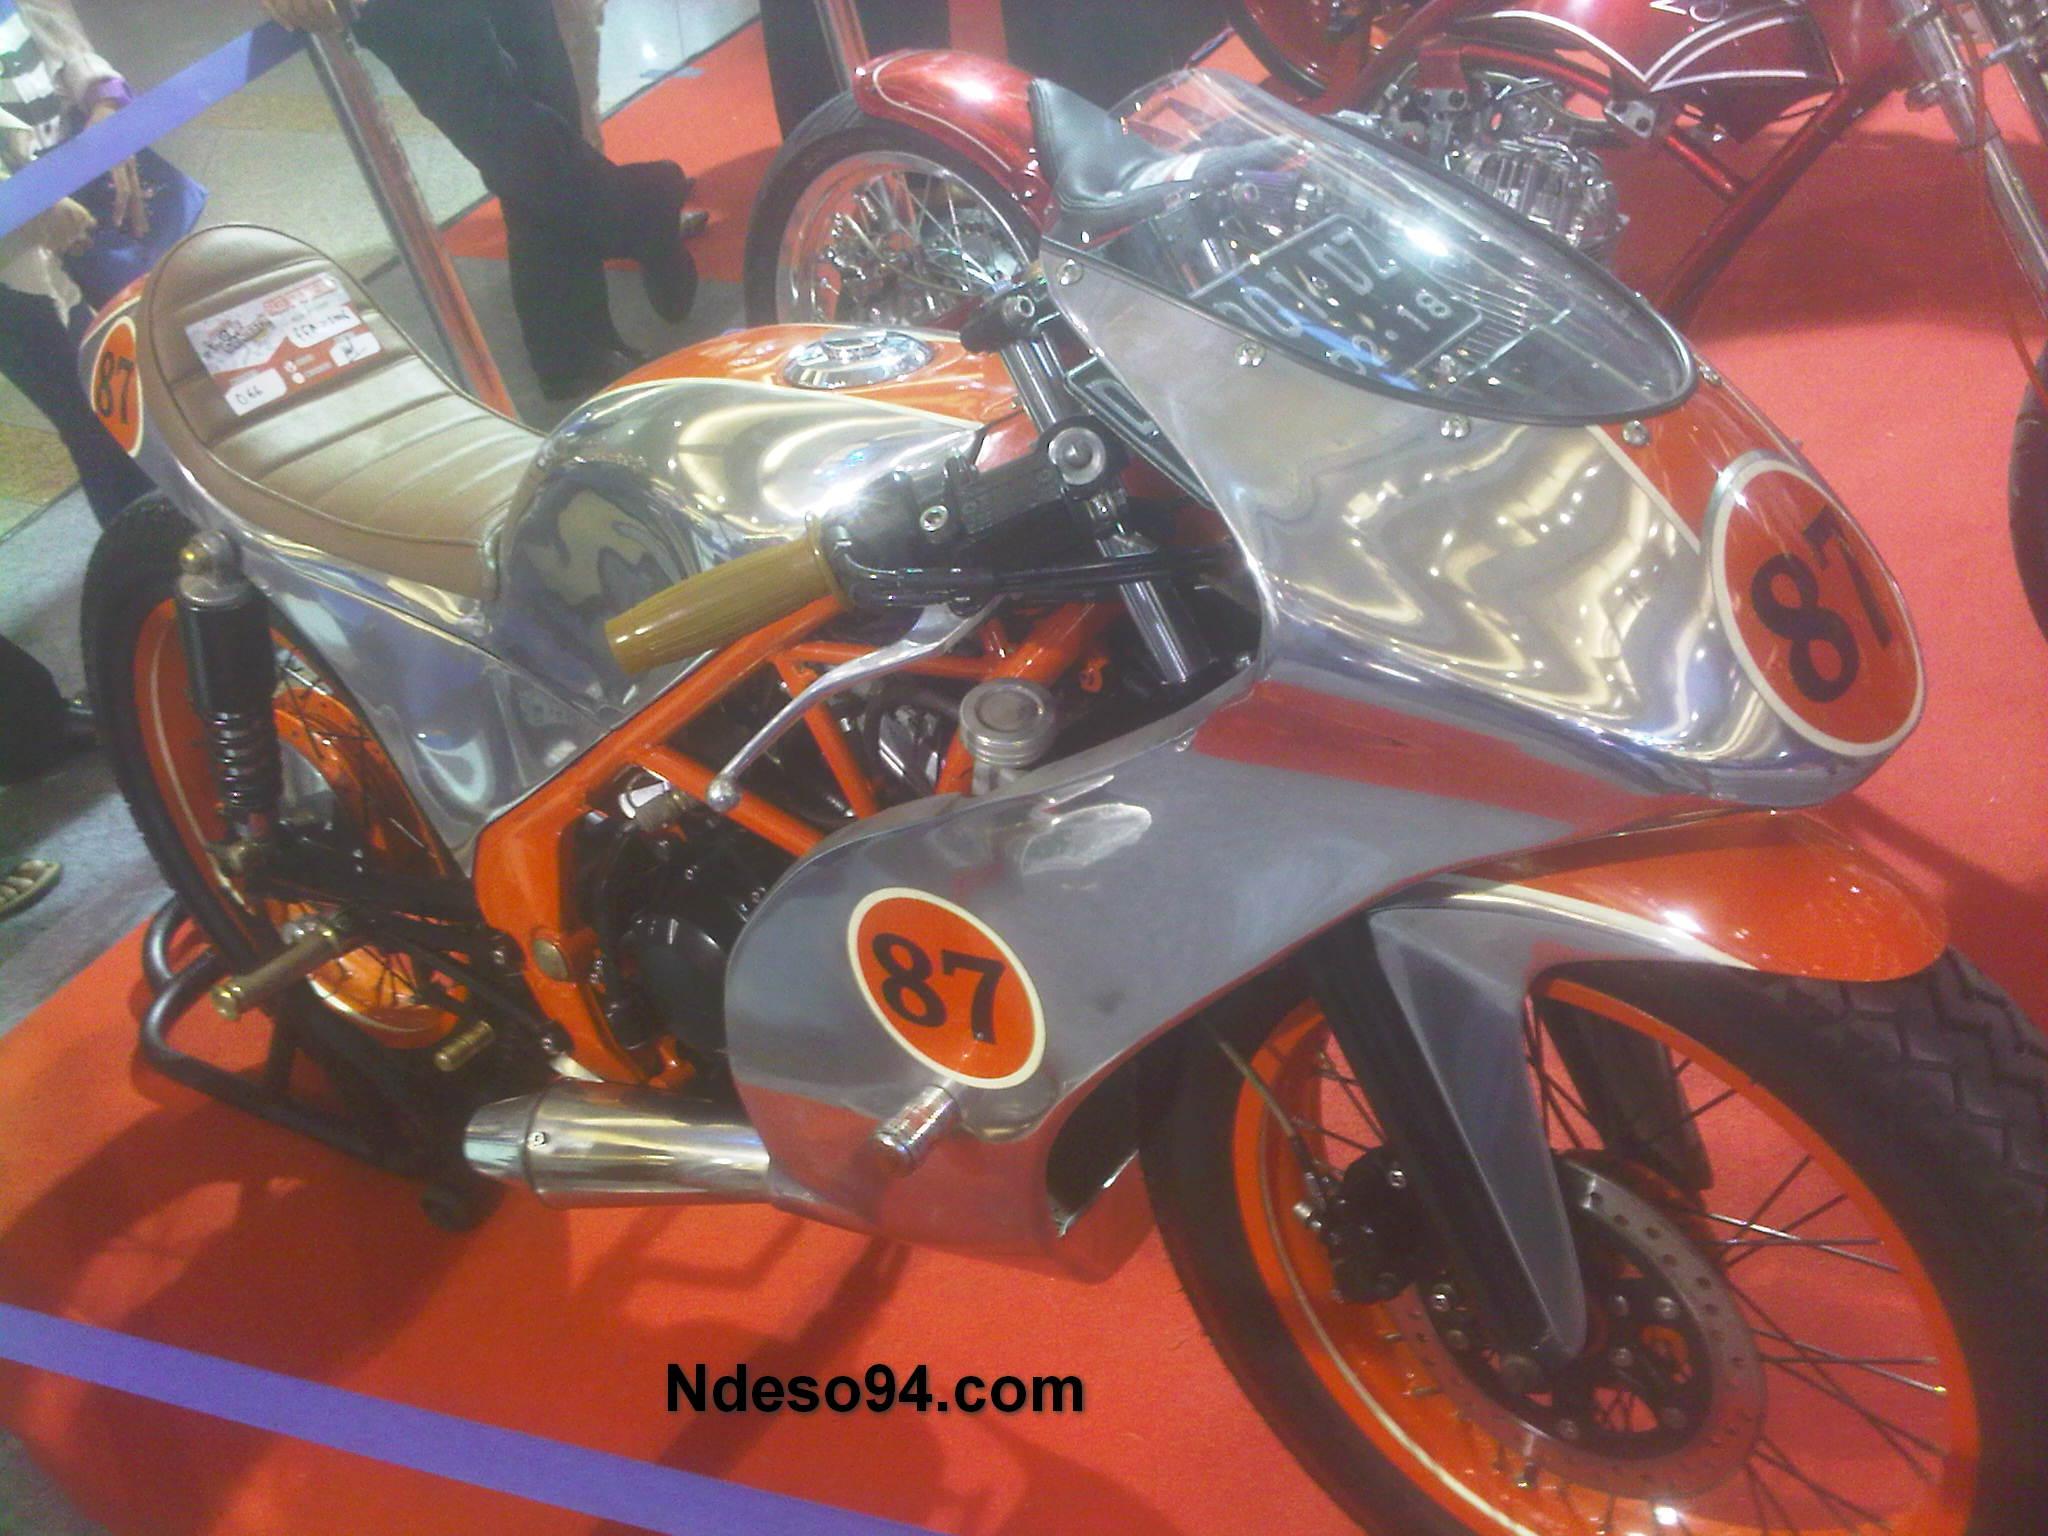 HMC Modifikasi Ekstrim Honda CB150R Jadi Full Fairing Cafe Racer